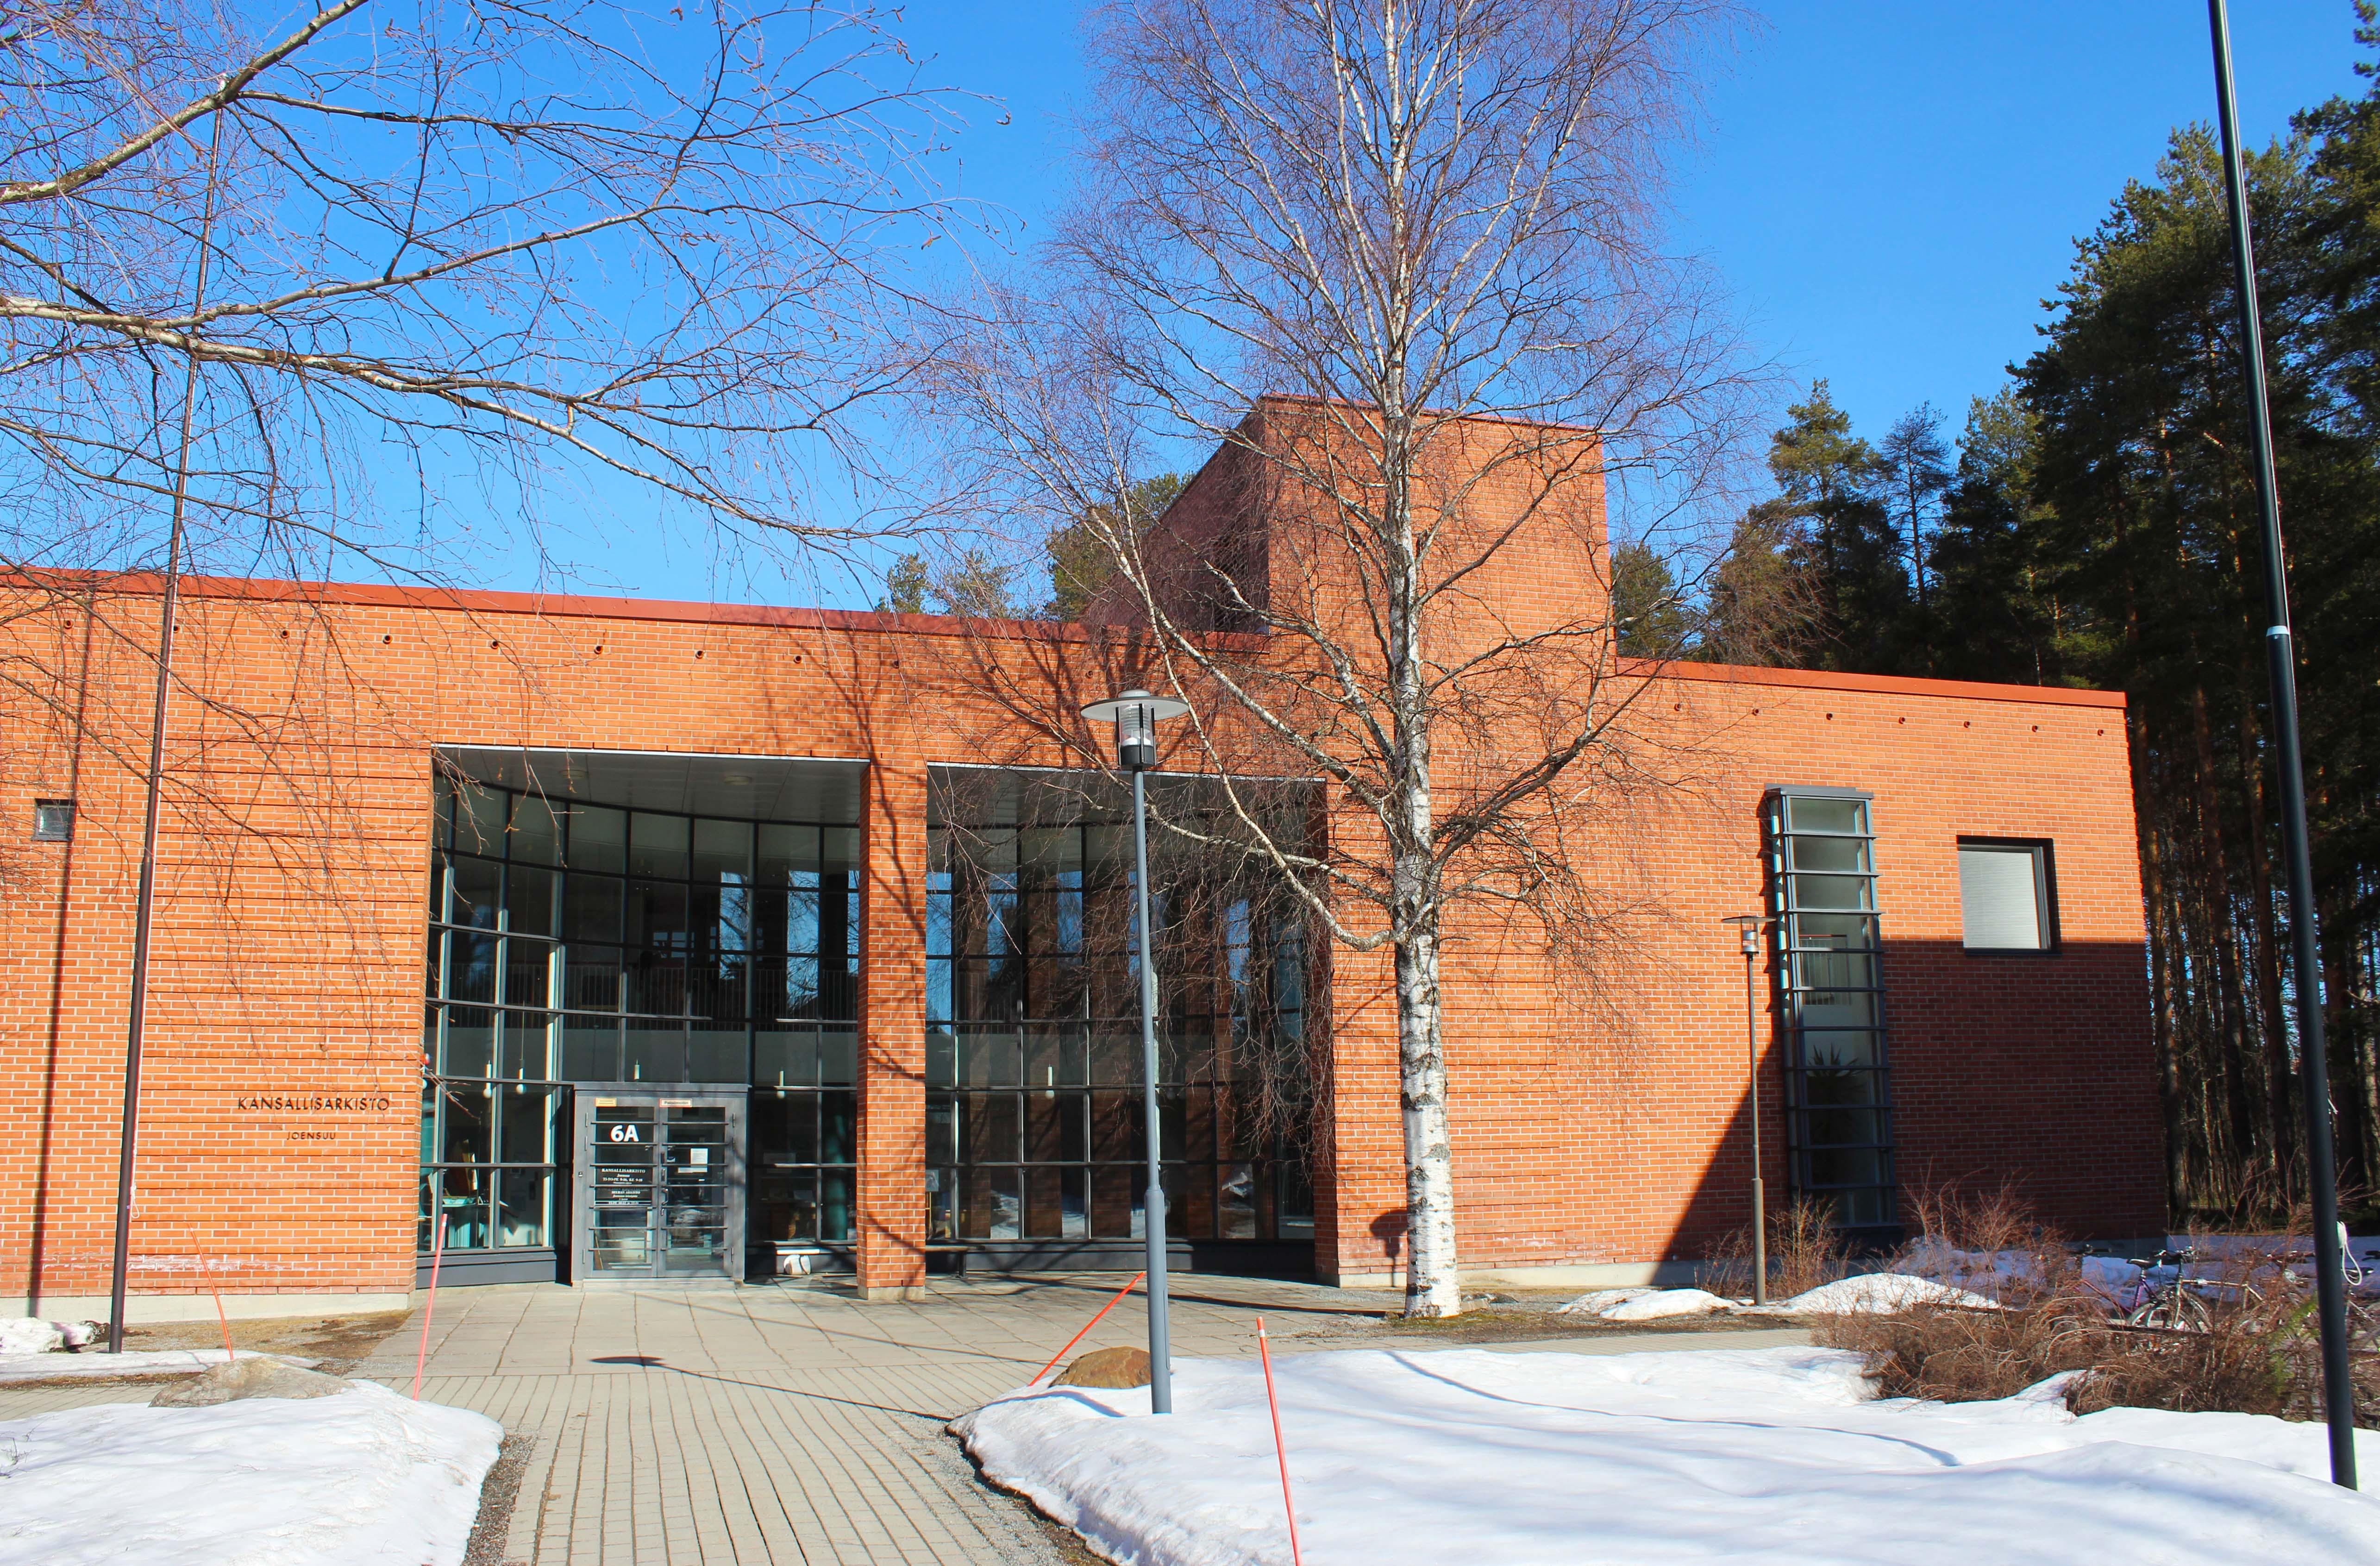 SKS:n arkiston Joensuun toimipiste. Kuva: Mikko Eronen. SKS.